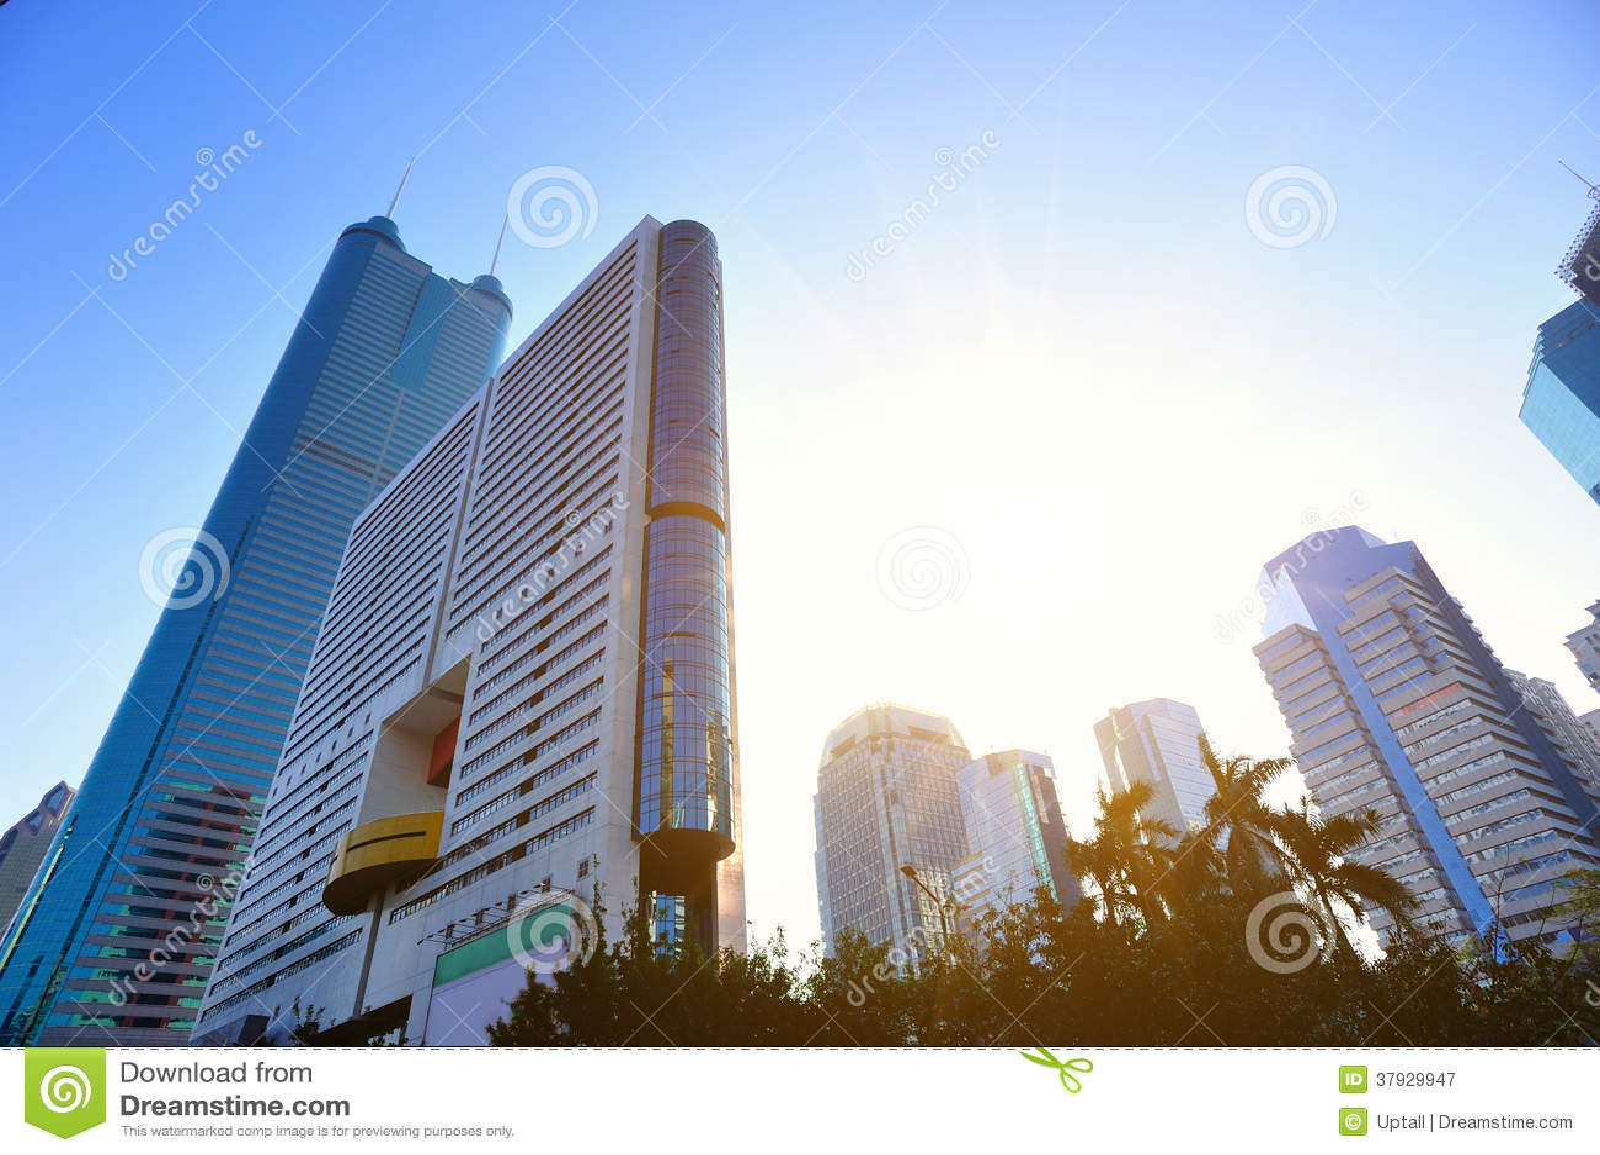 City skyline in shenzhen city